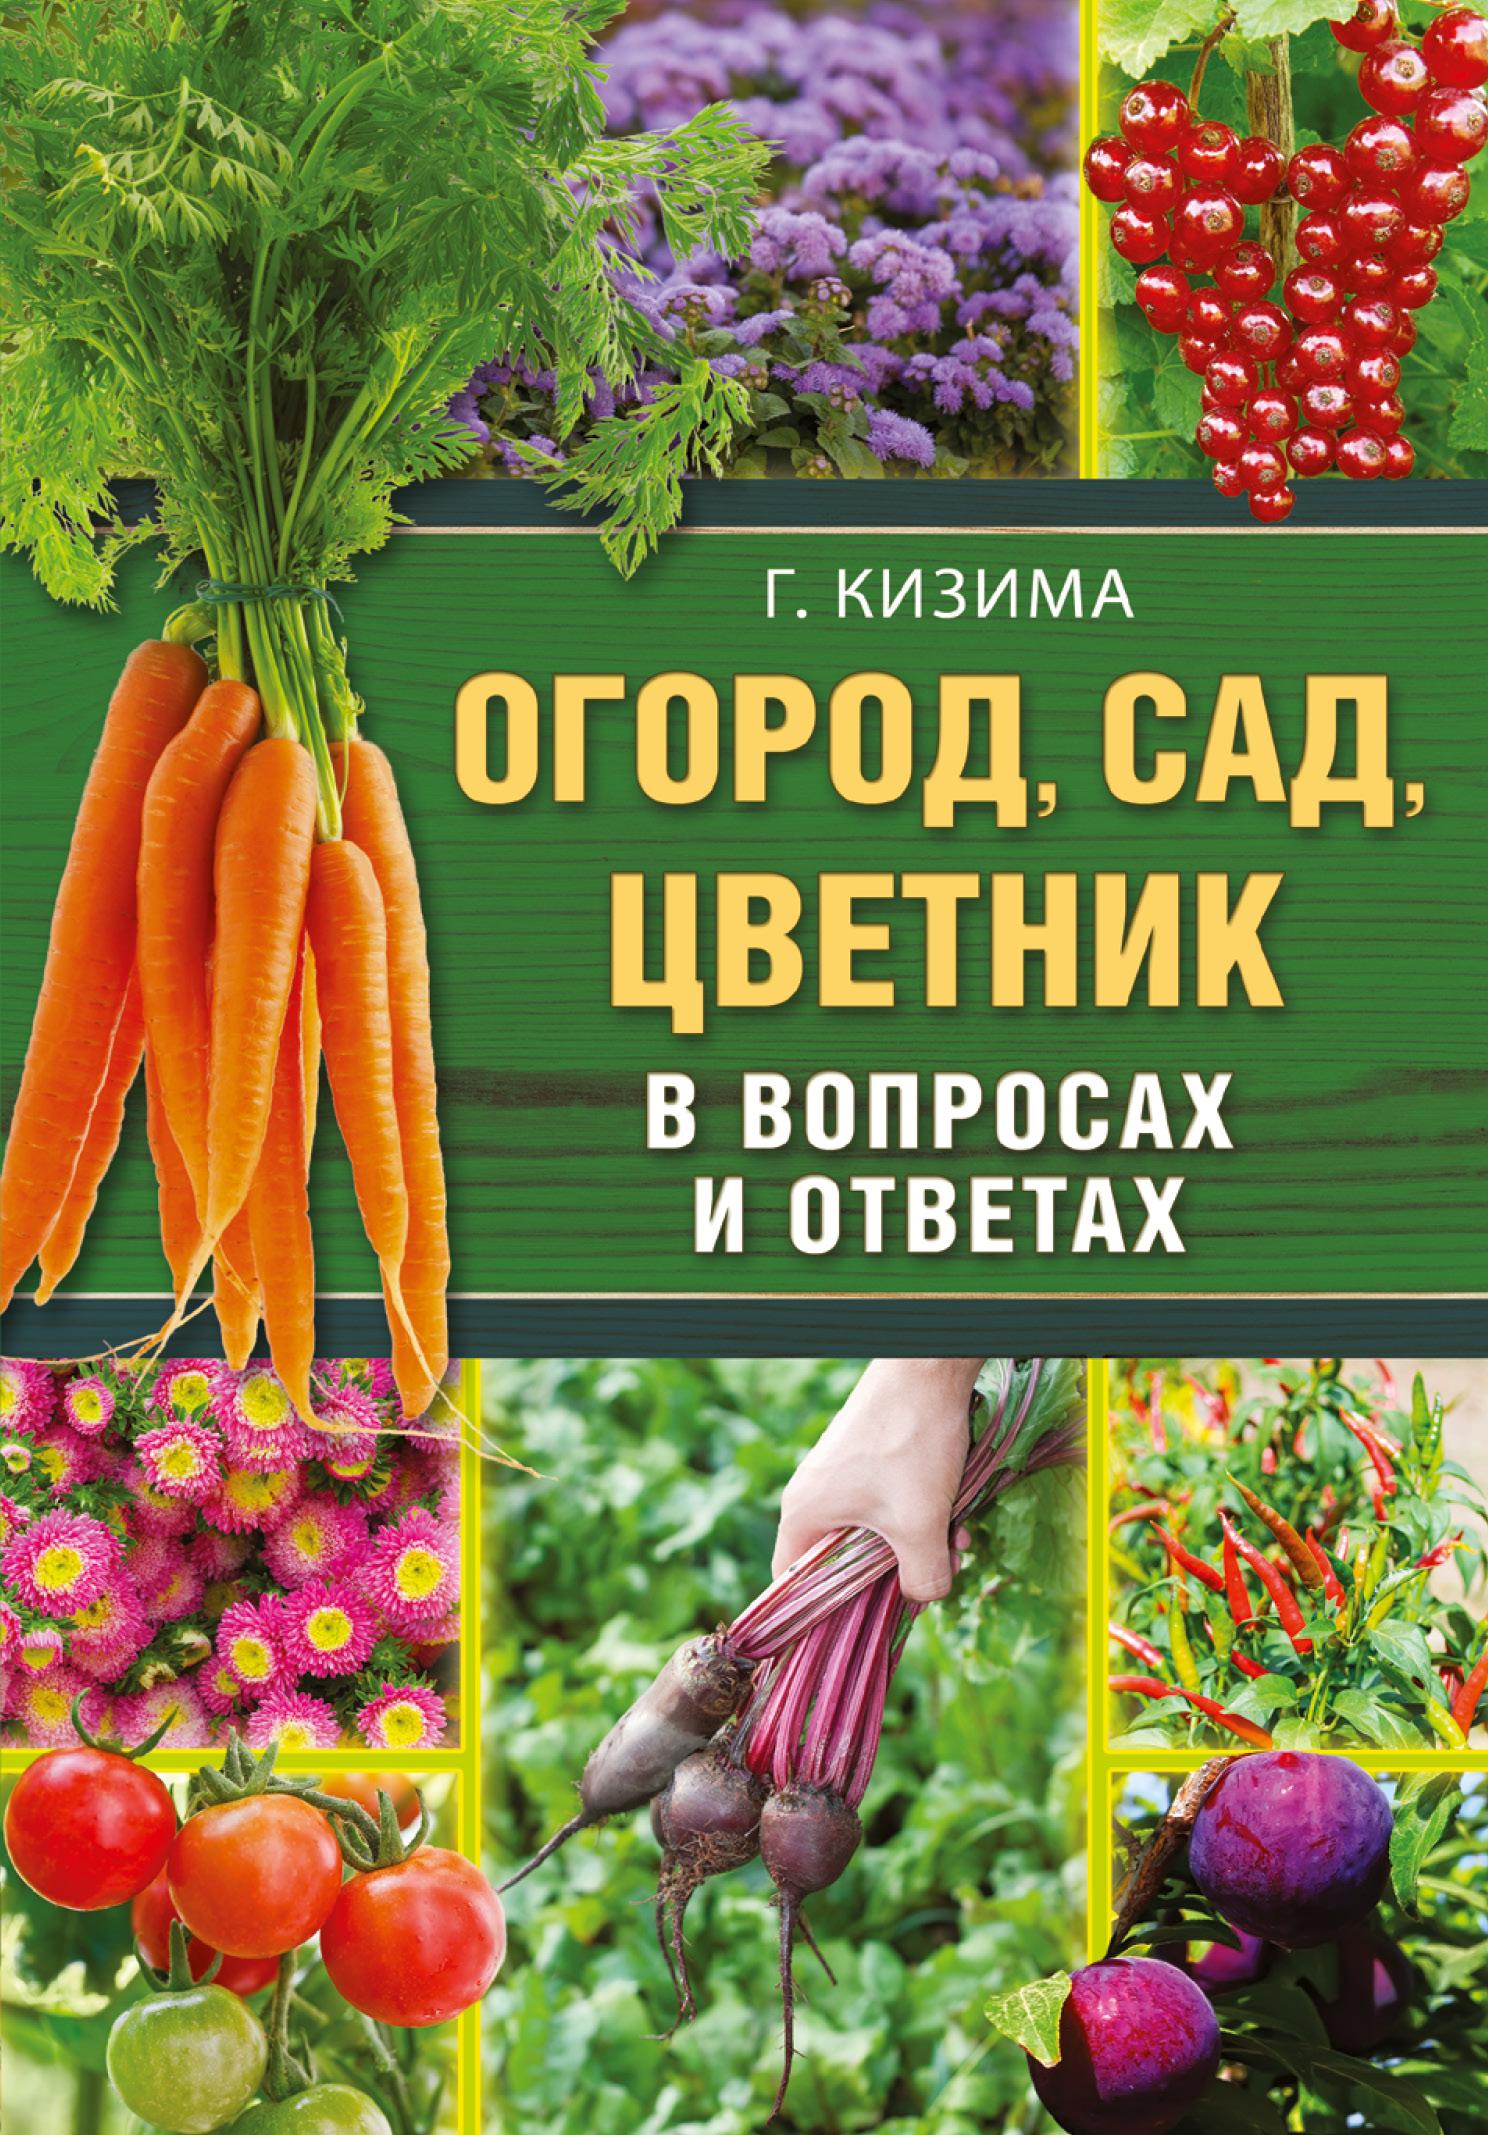 Кизима Г.А. Огород, сад, цветник в вопросах и ответах